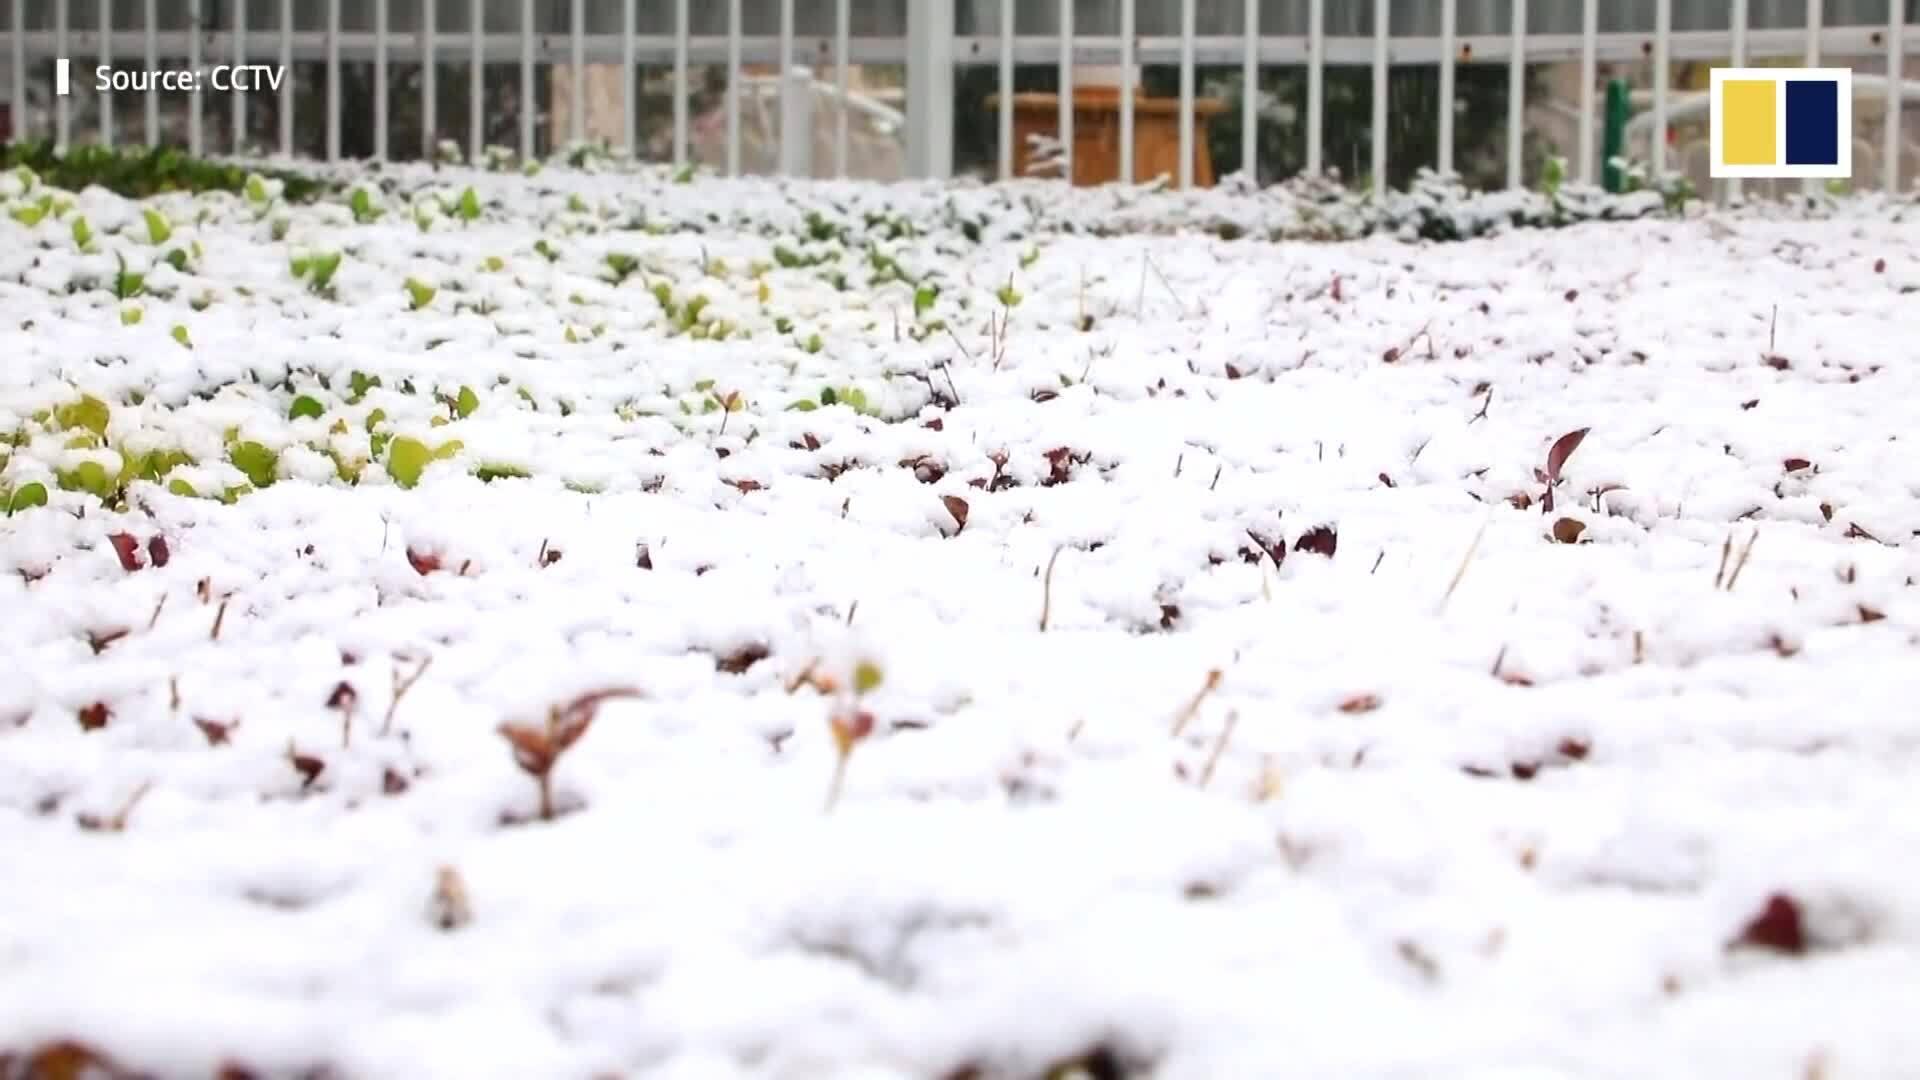 Tuyết rơi trắng xóa khắp Trung Quốc